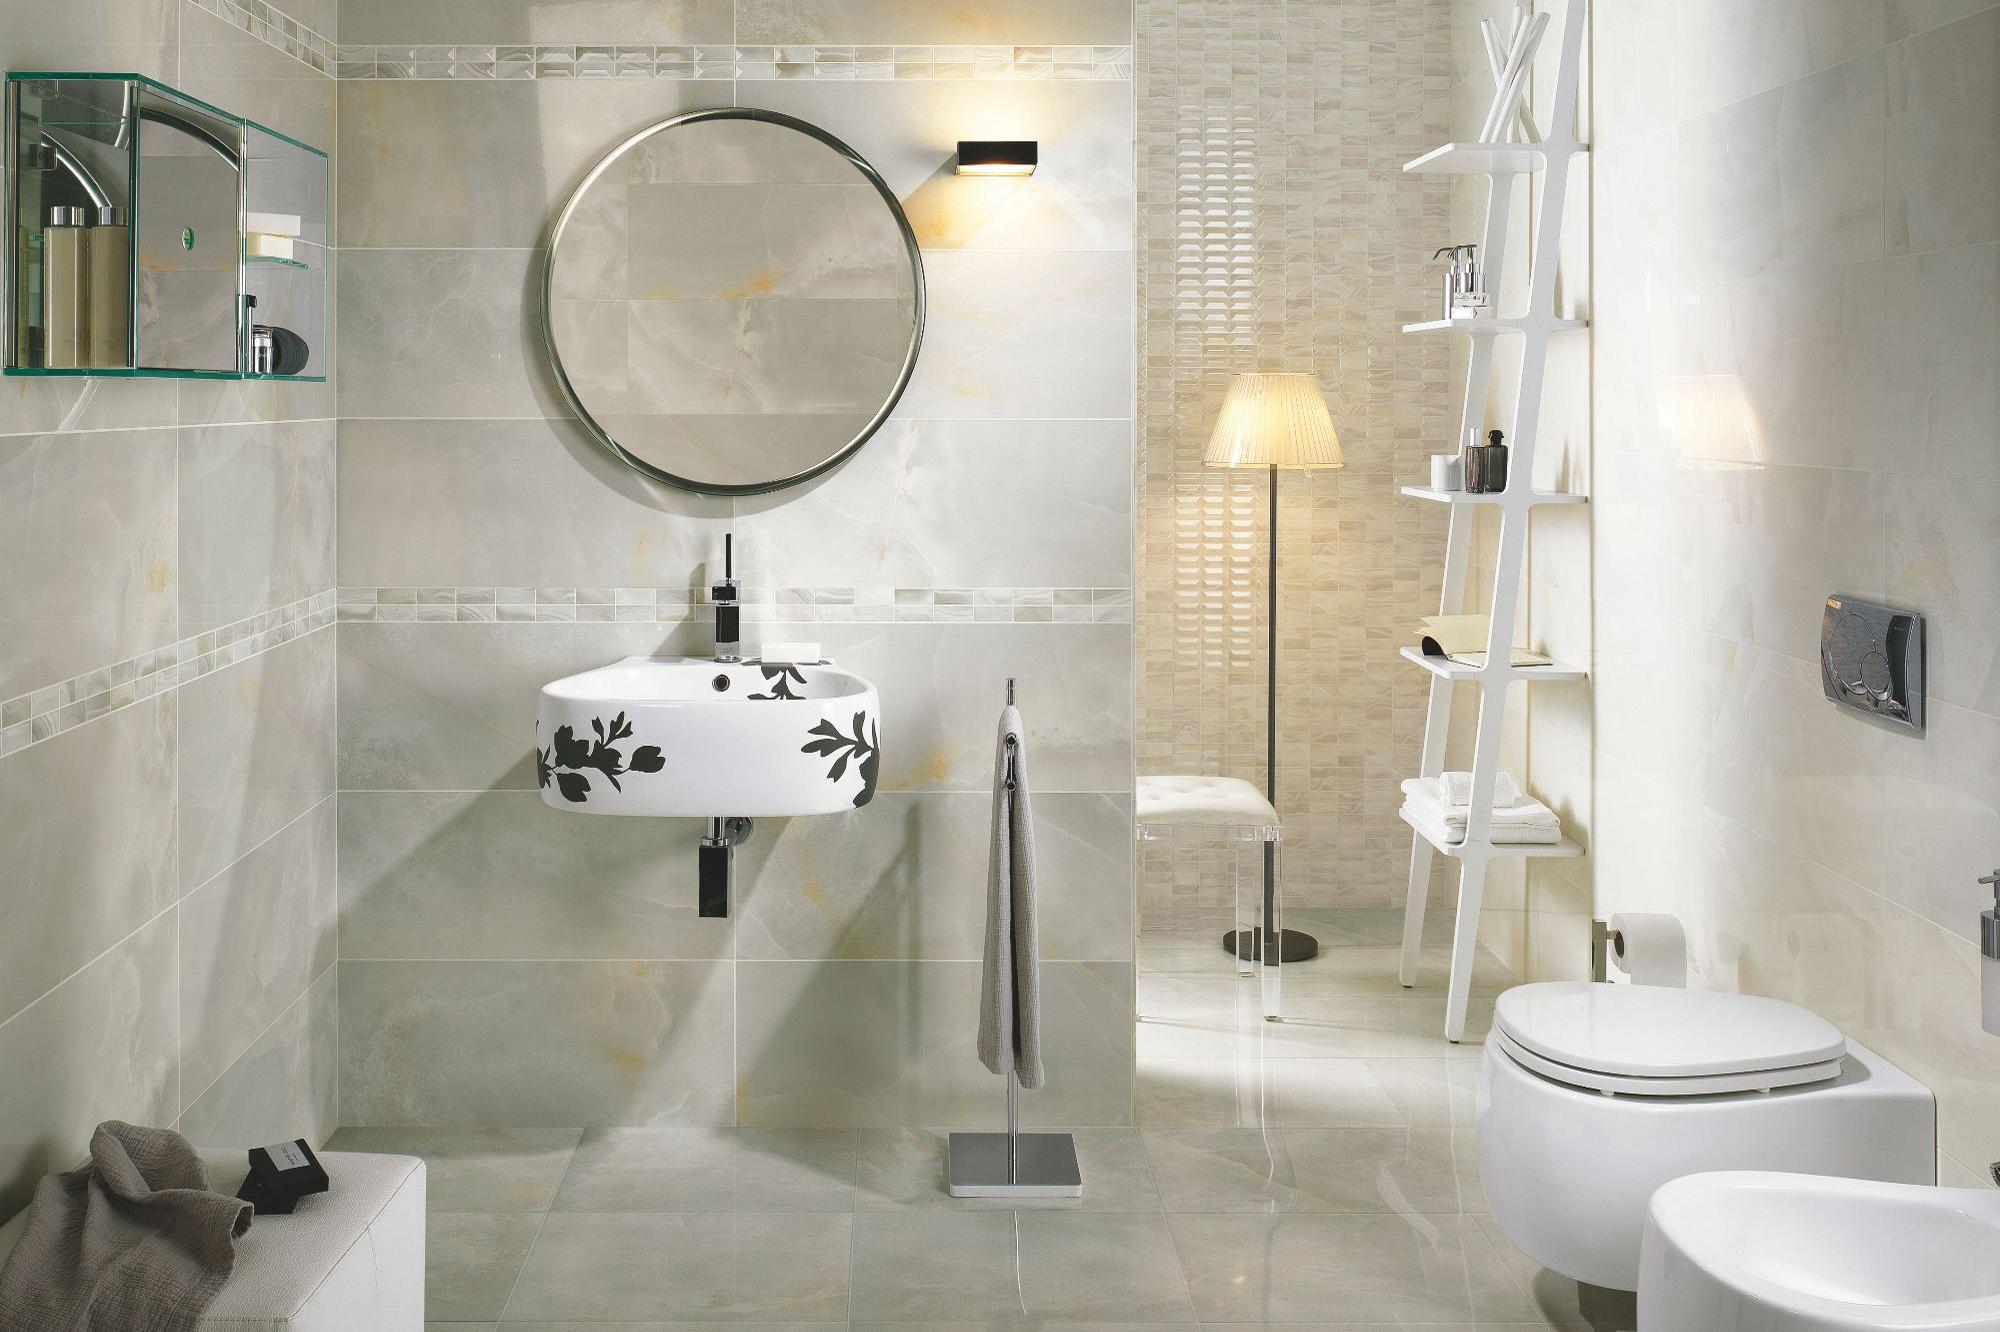 Какой должна быть напольная плитка в ванной комнате?